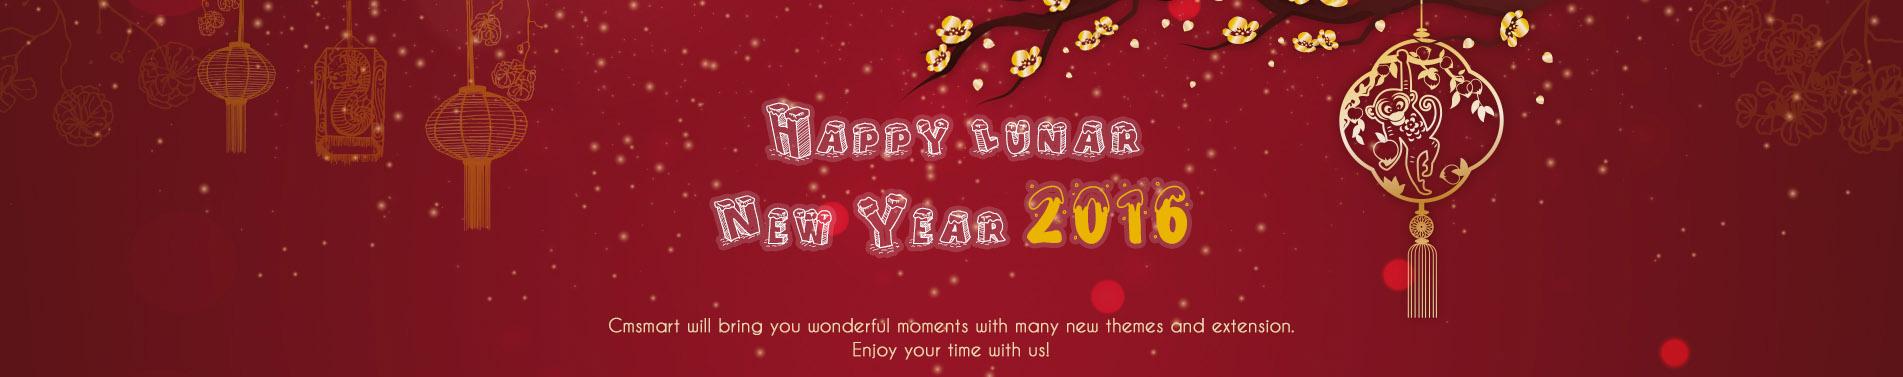 happy nunar new year